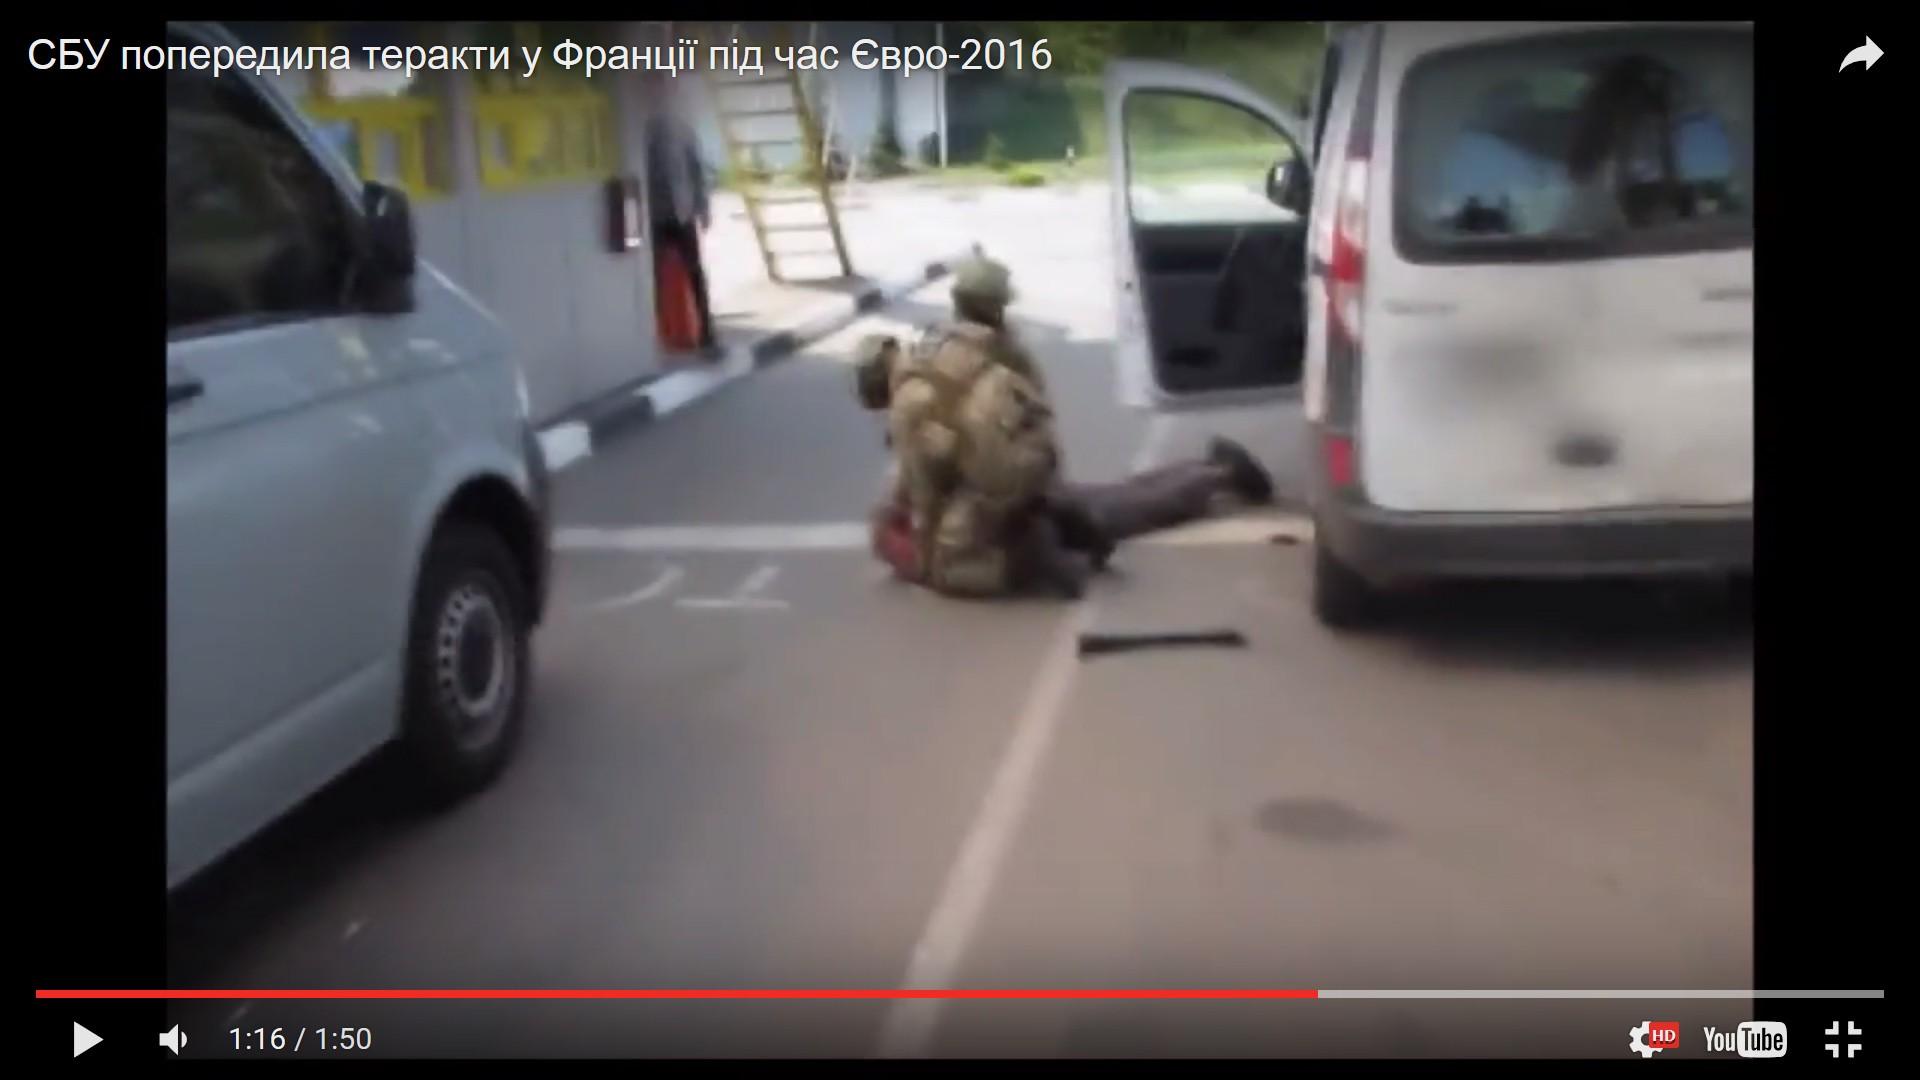 Franzose in der Ukraine festgenommen - Codierten Nachrichten auf der Spur Gr310